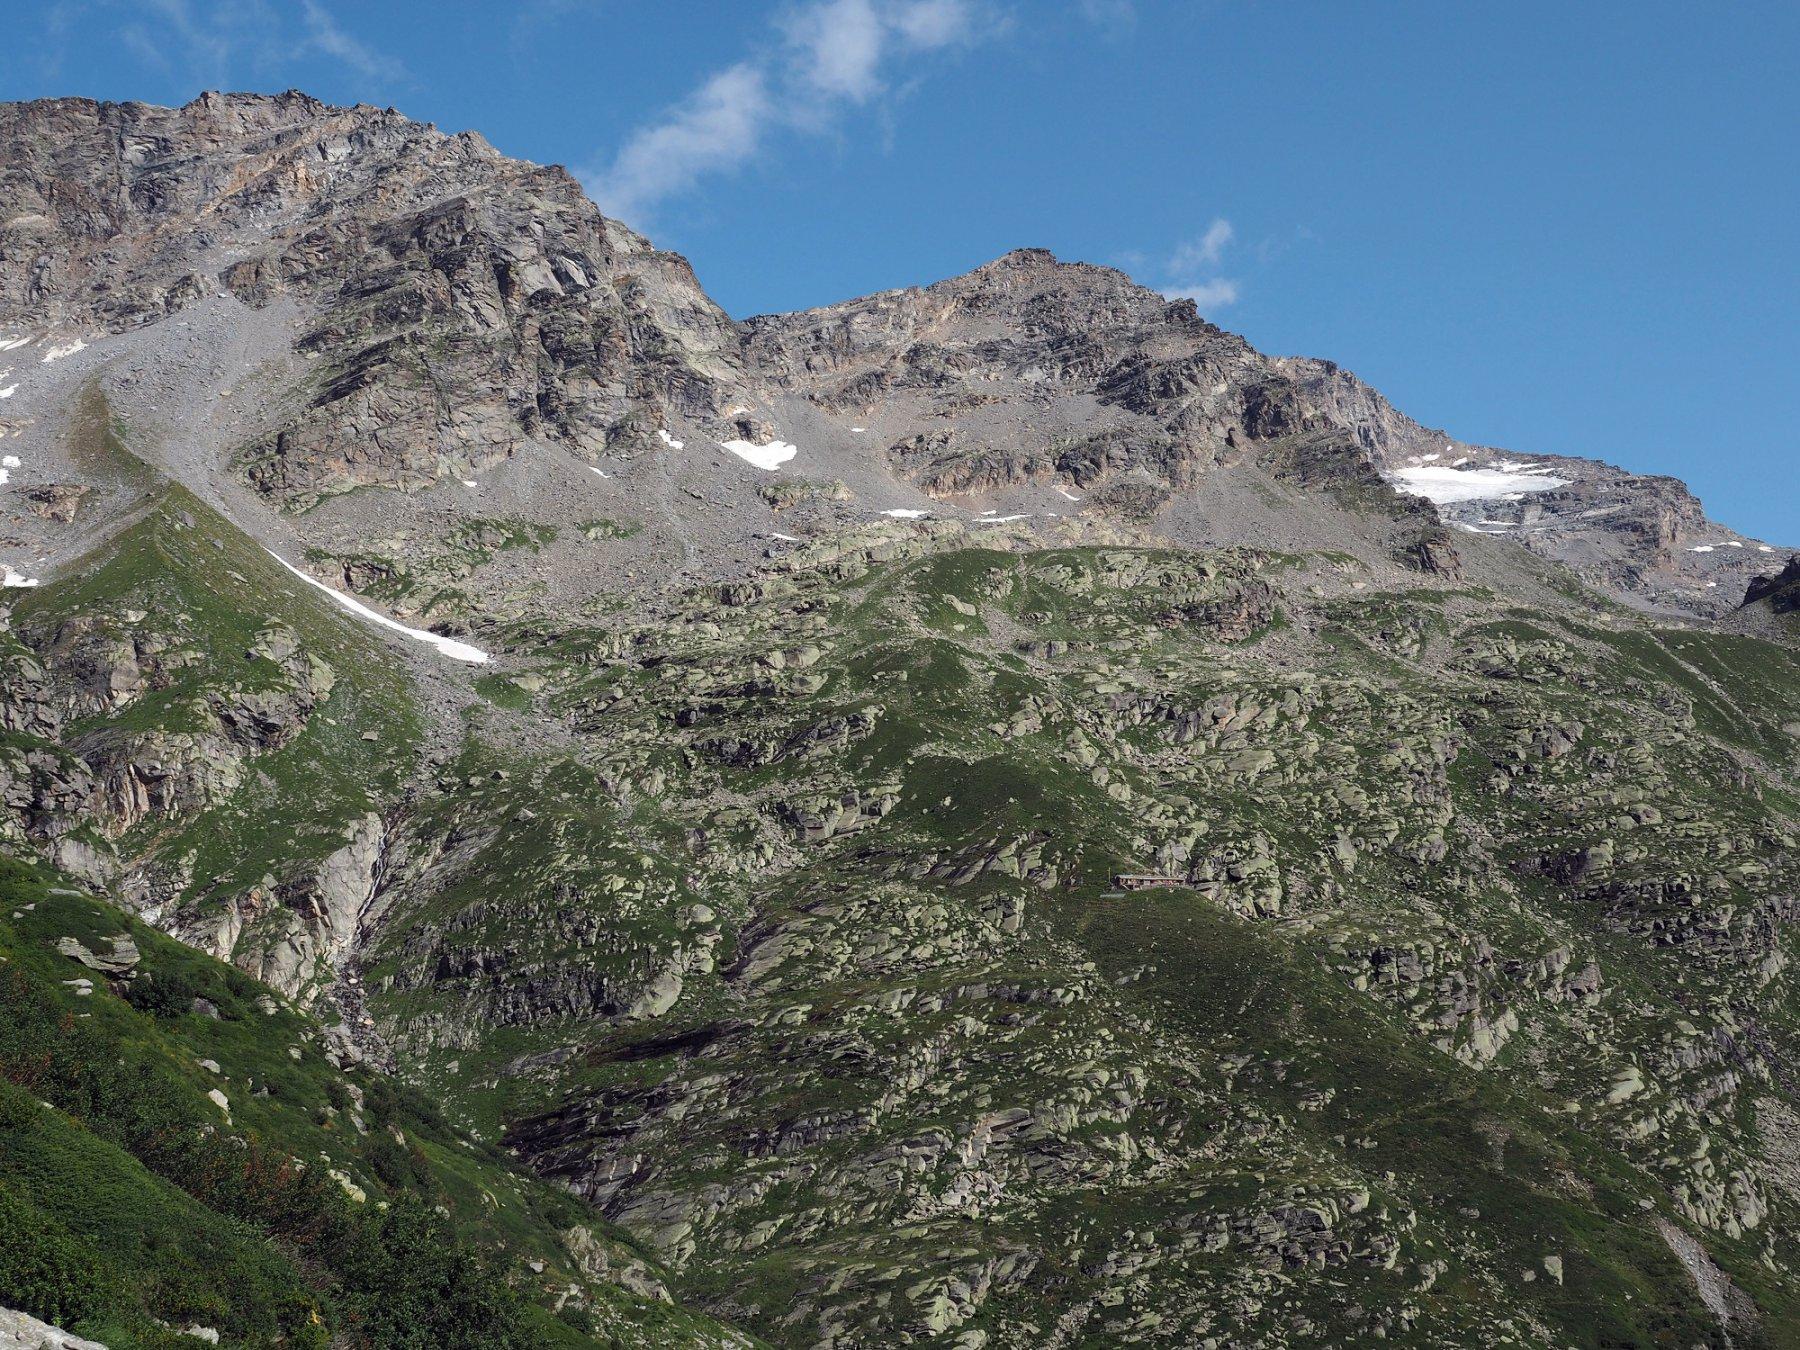 Il rifugio Daviso sul versante opposto visto dal bivacco Ferreri-Rivero